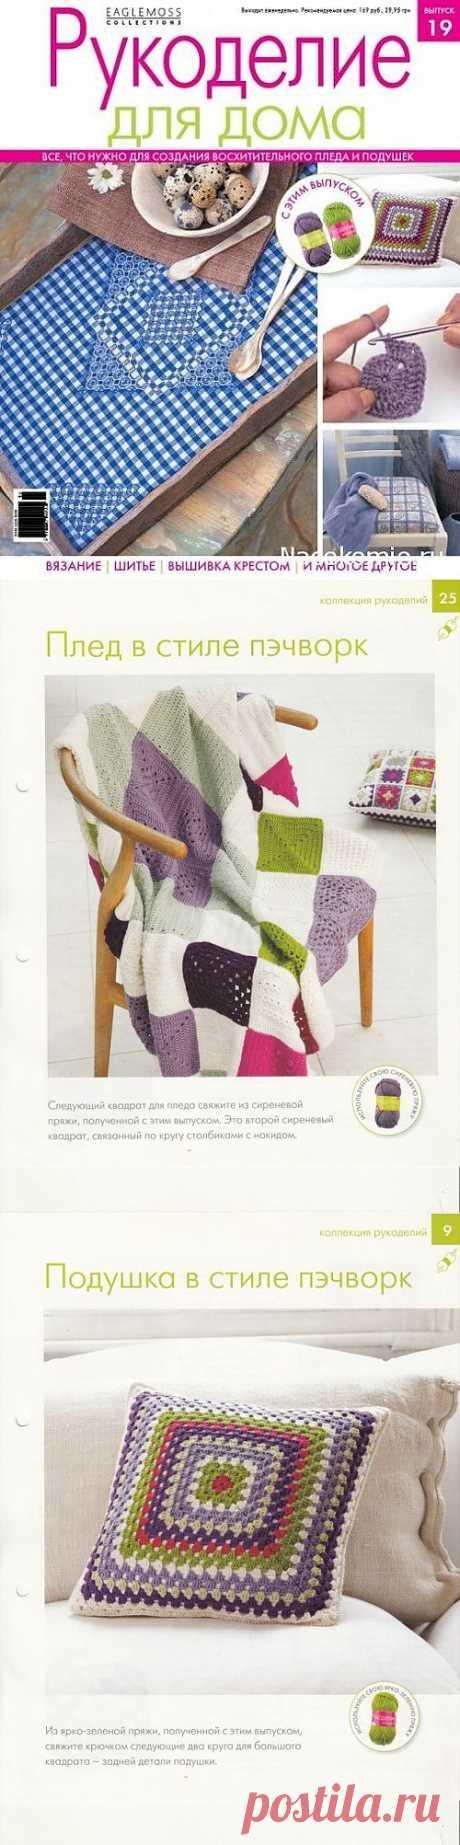 Рукоделие для дома №19 2013 (вязание, вышивка, шитьё)